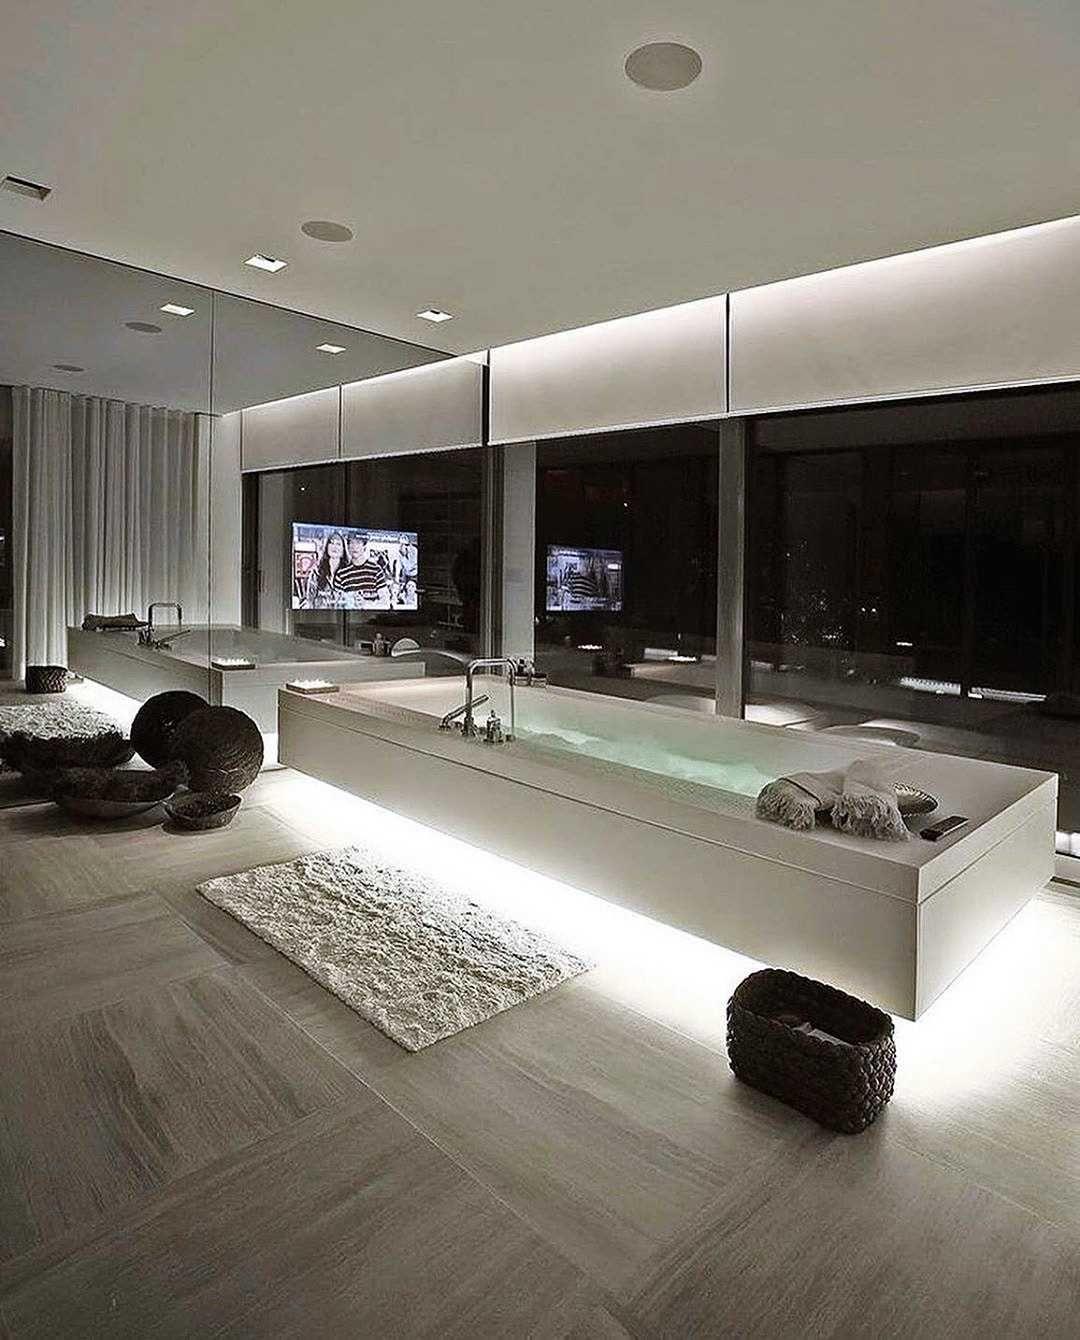 #luxury #luxurylife #luxurylifestlye #luxurydesign #luxurydecor #luxuryhome #luxuryinterior #luxuryexterior #home #homedesign #house #housedesign #homedecor #housedecor #homeinterior #house interior